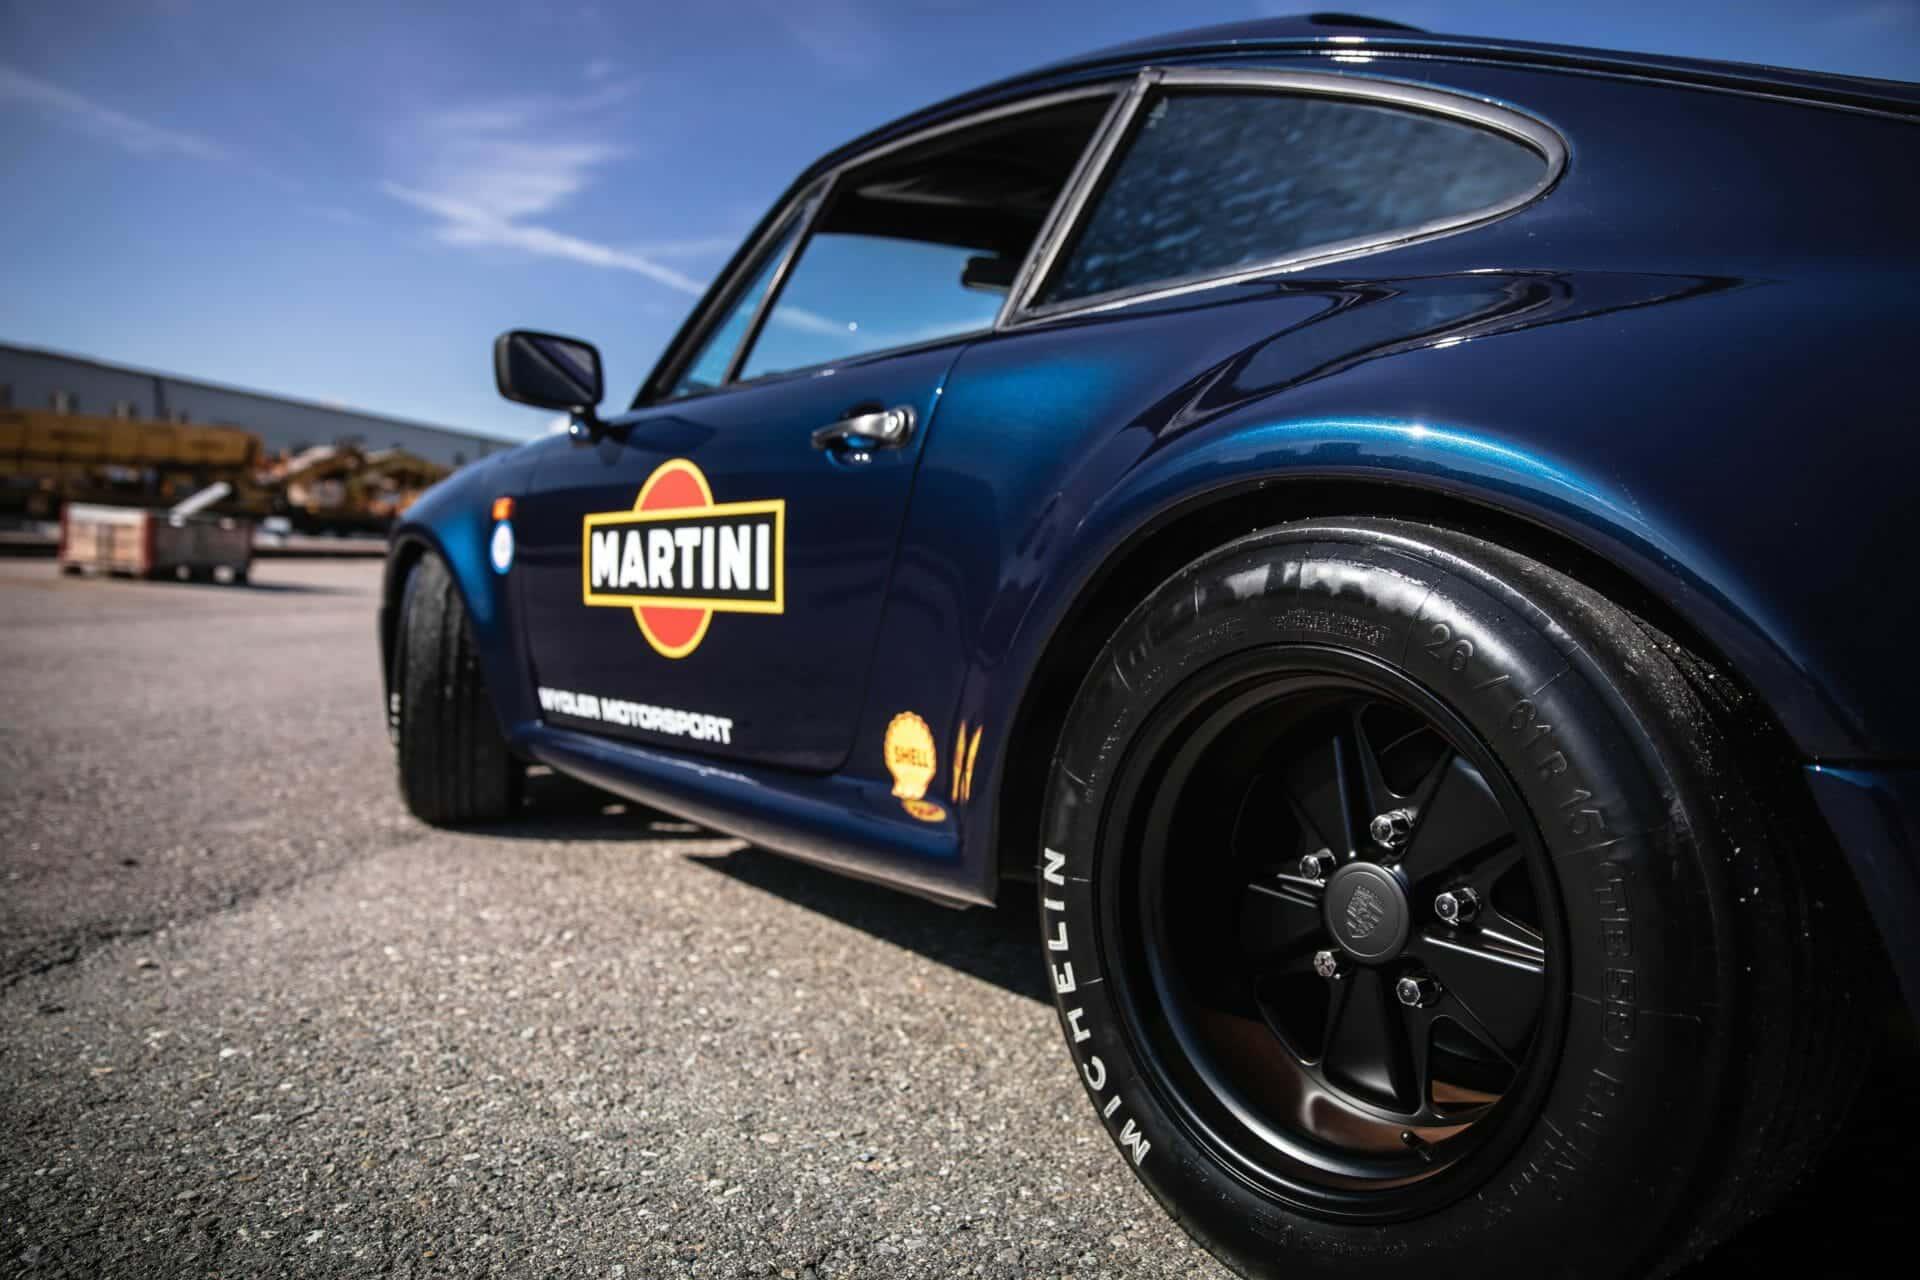 Porsche 911 Martini81 - Picture 8